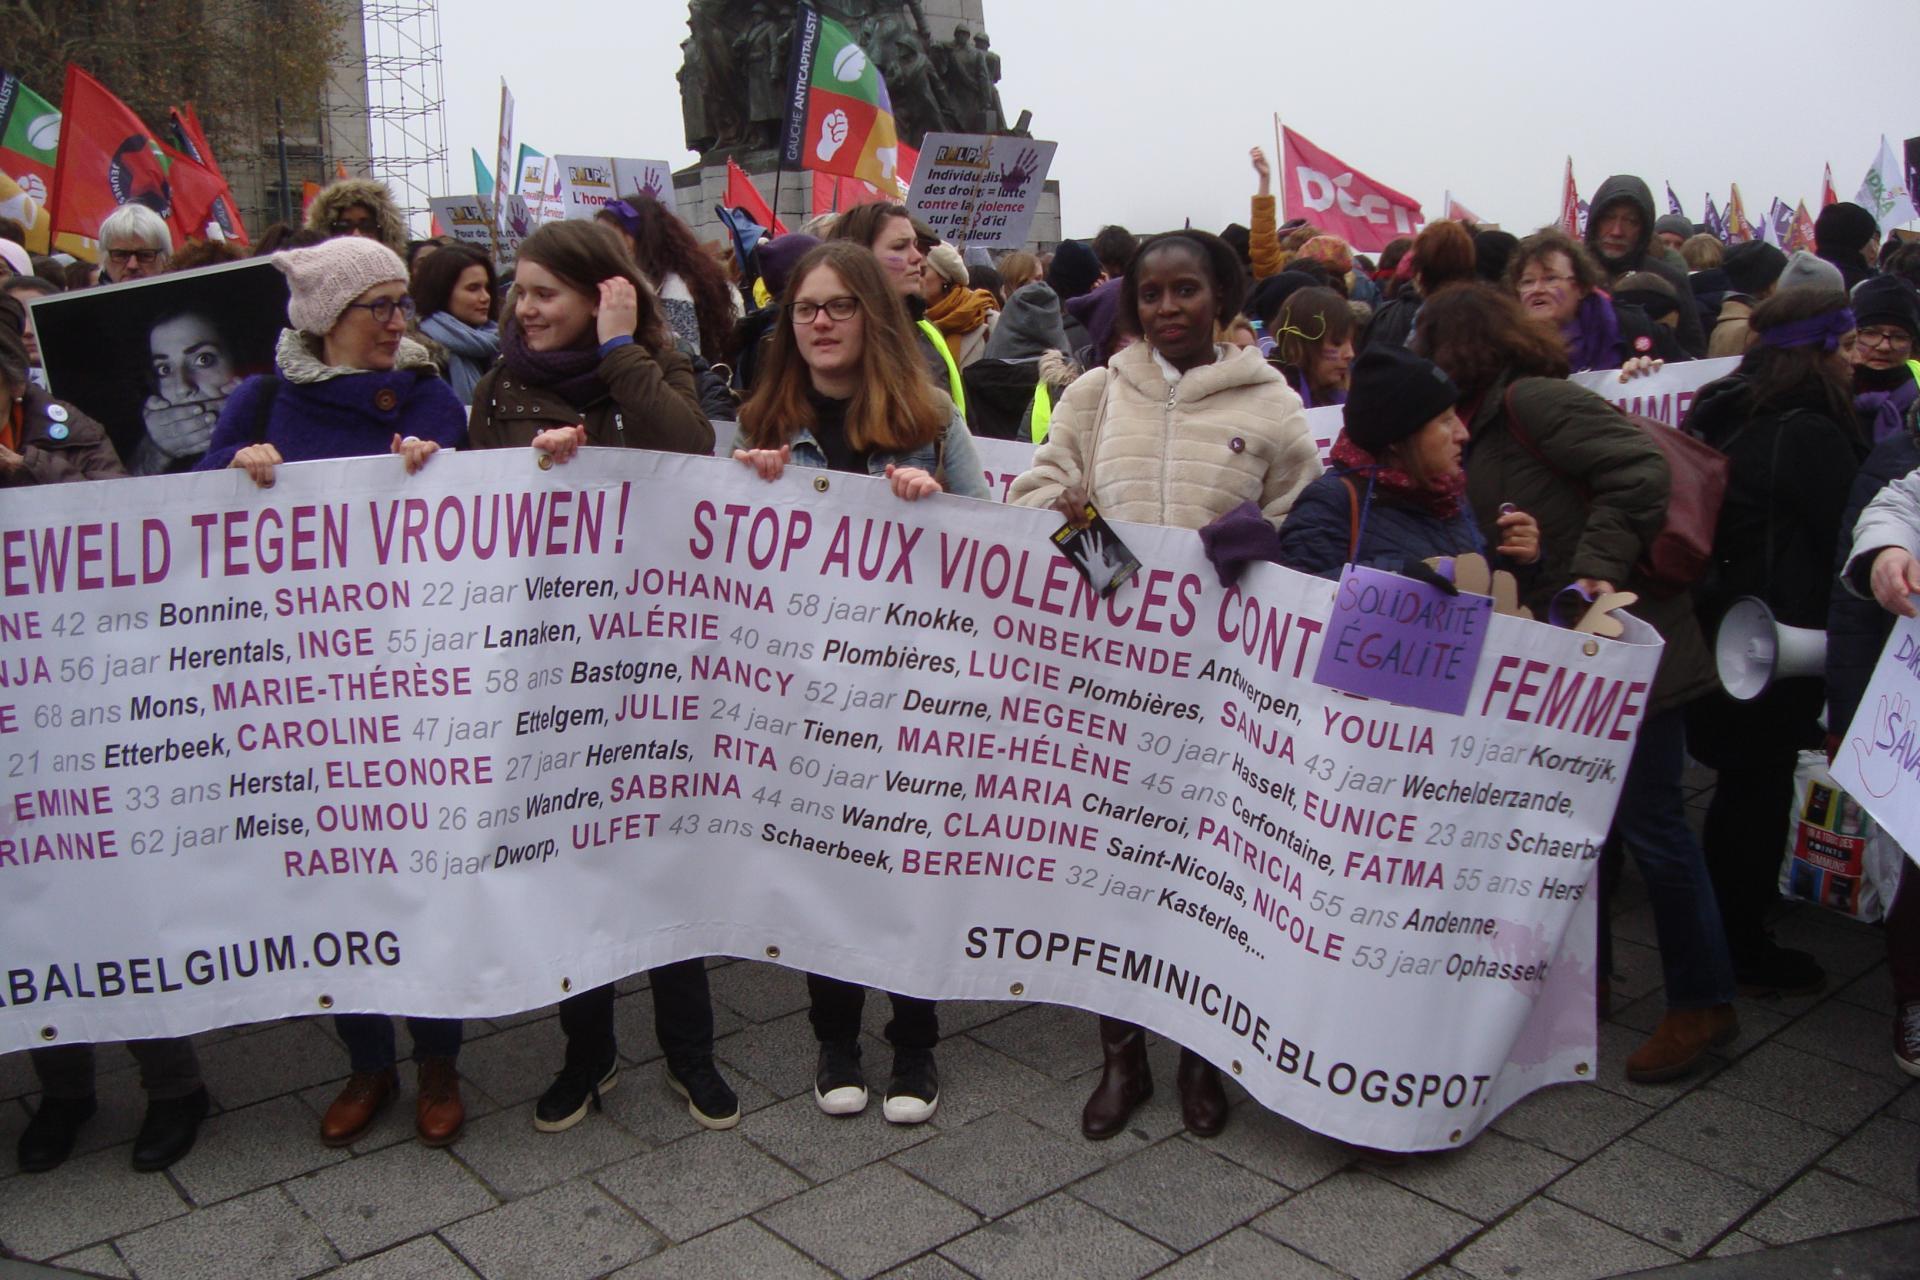 25 novembre 2018 Manif contre violences faites aux Femmes - Place Poelaert à BXL